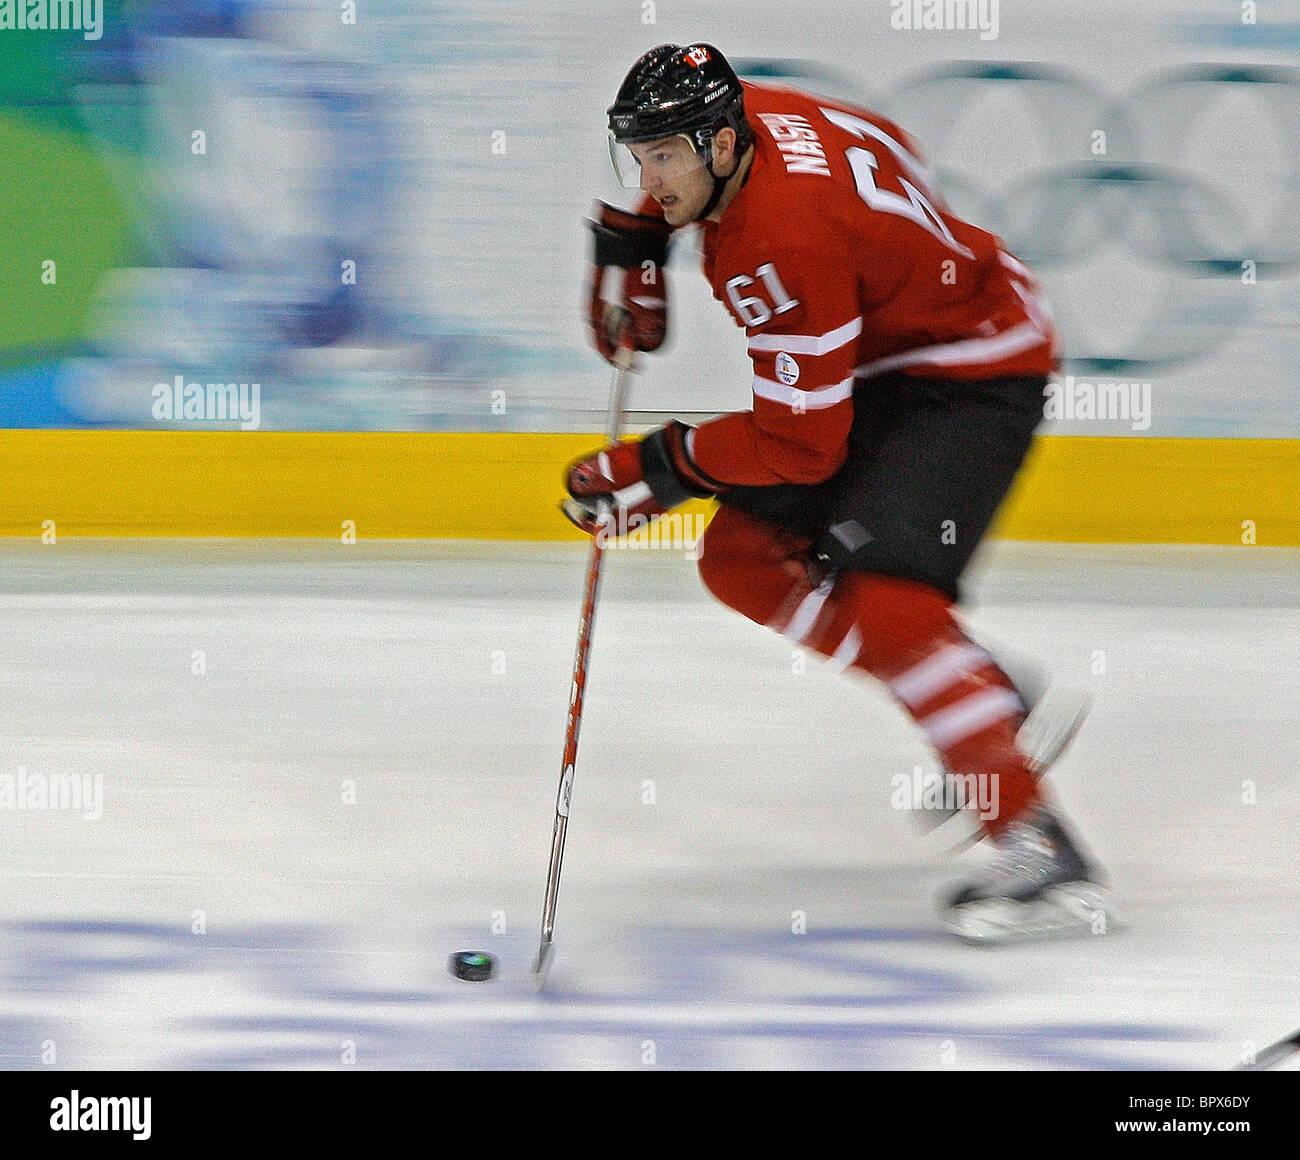 Vancouver 2010: maschile di hockey su ghiaccio - Canada 3 - 5 STATI UNITI D'AMERICA Immagini Stock